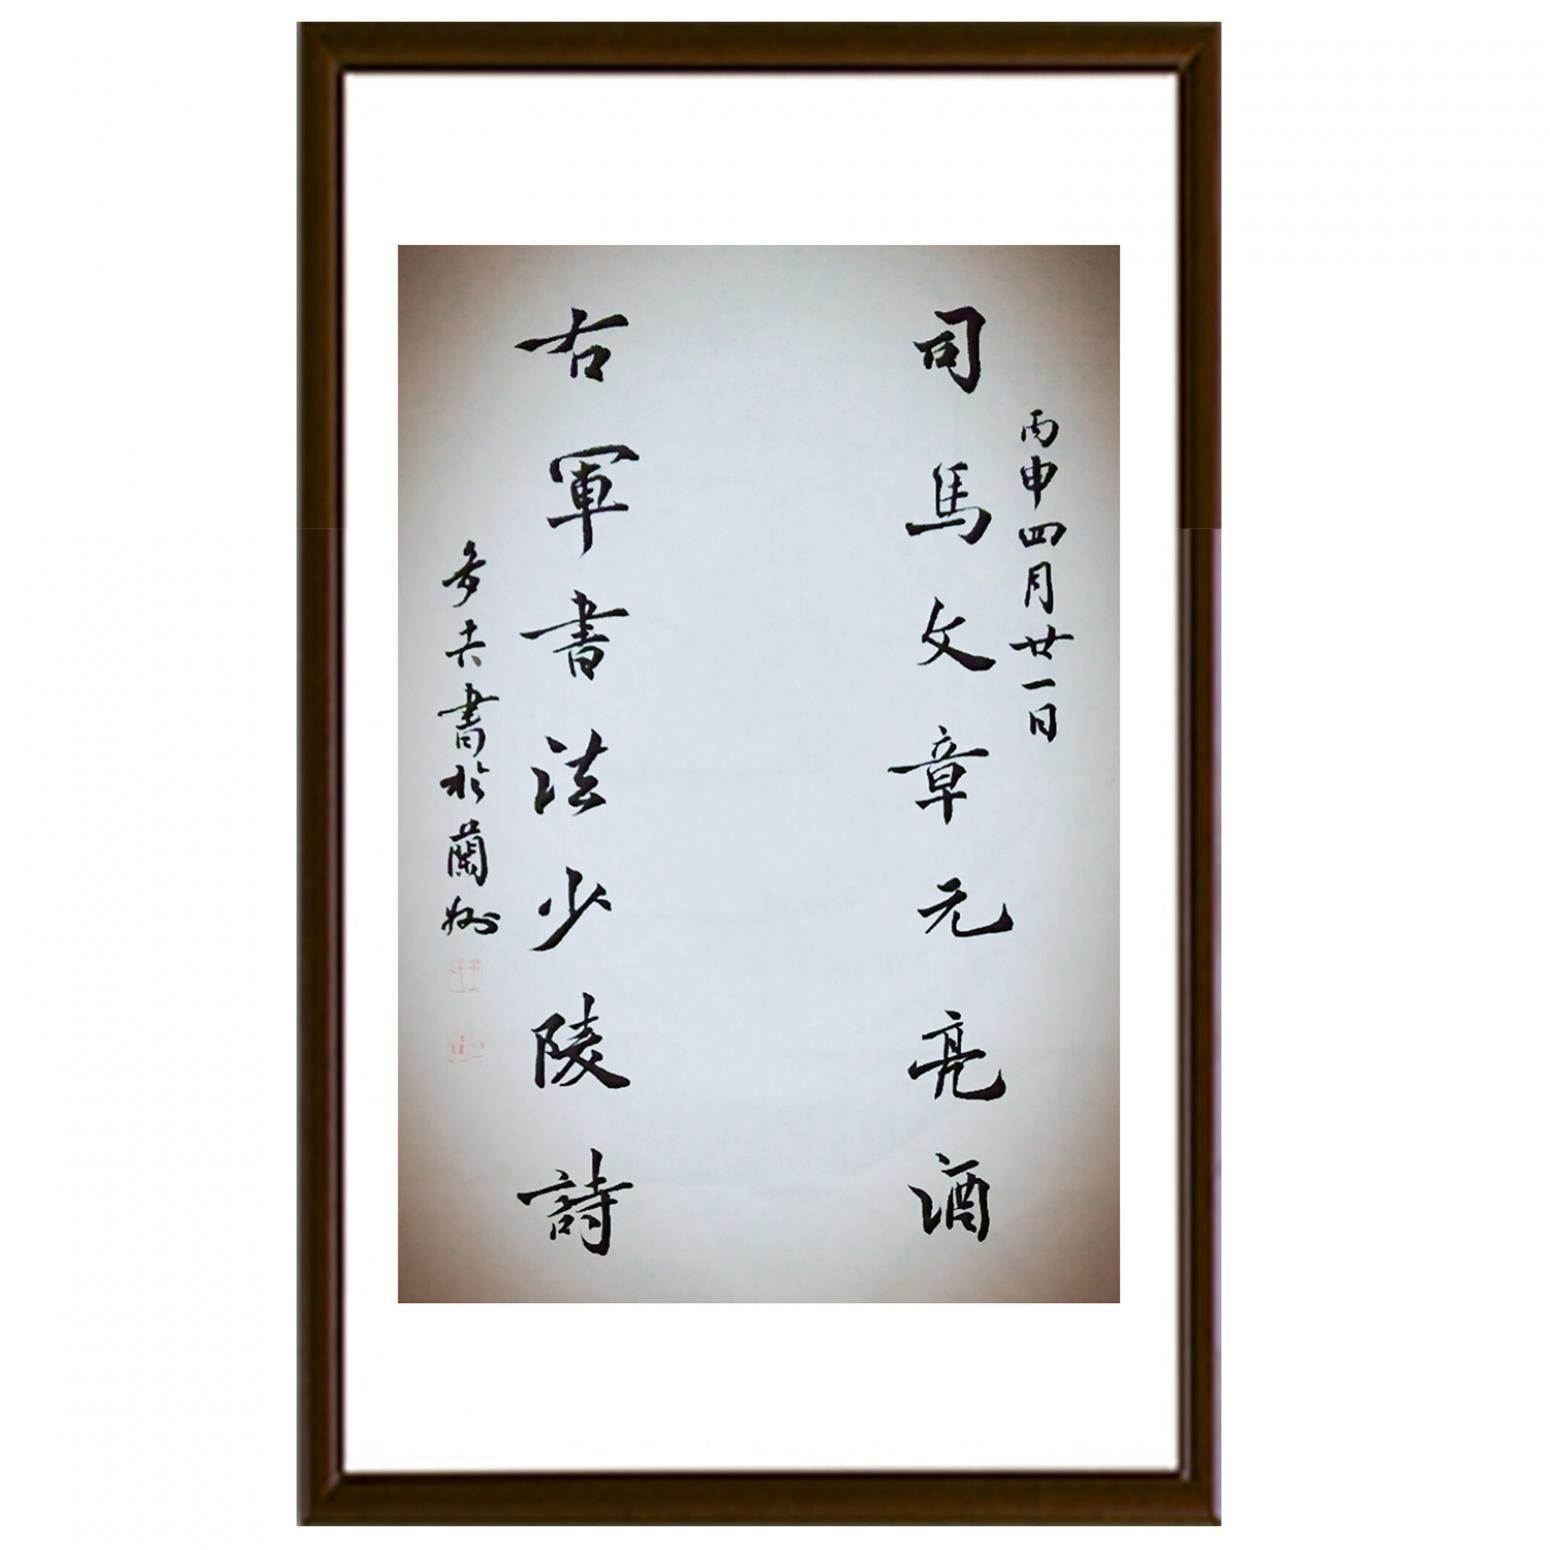 王多吉书法作品《【司马右军】作者王多吉》【图2】